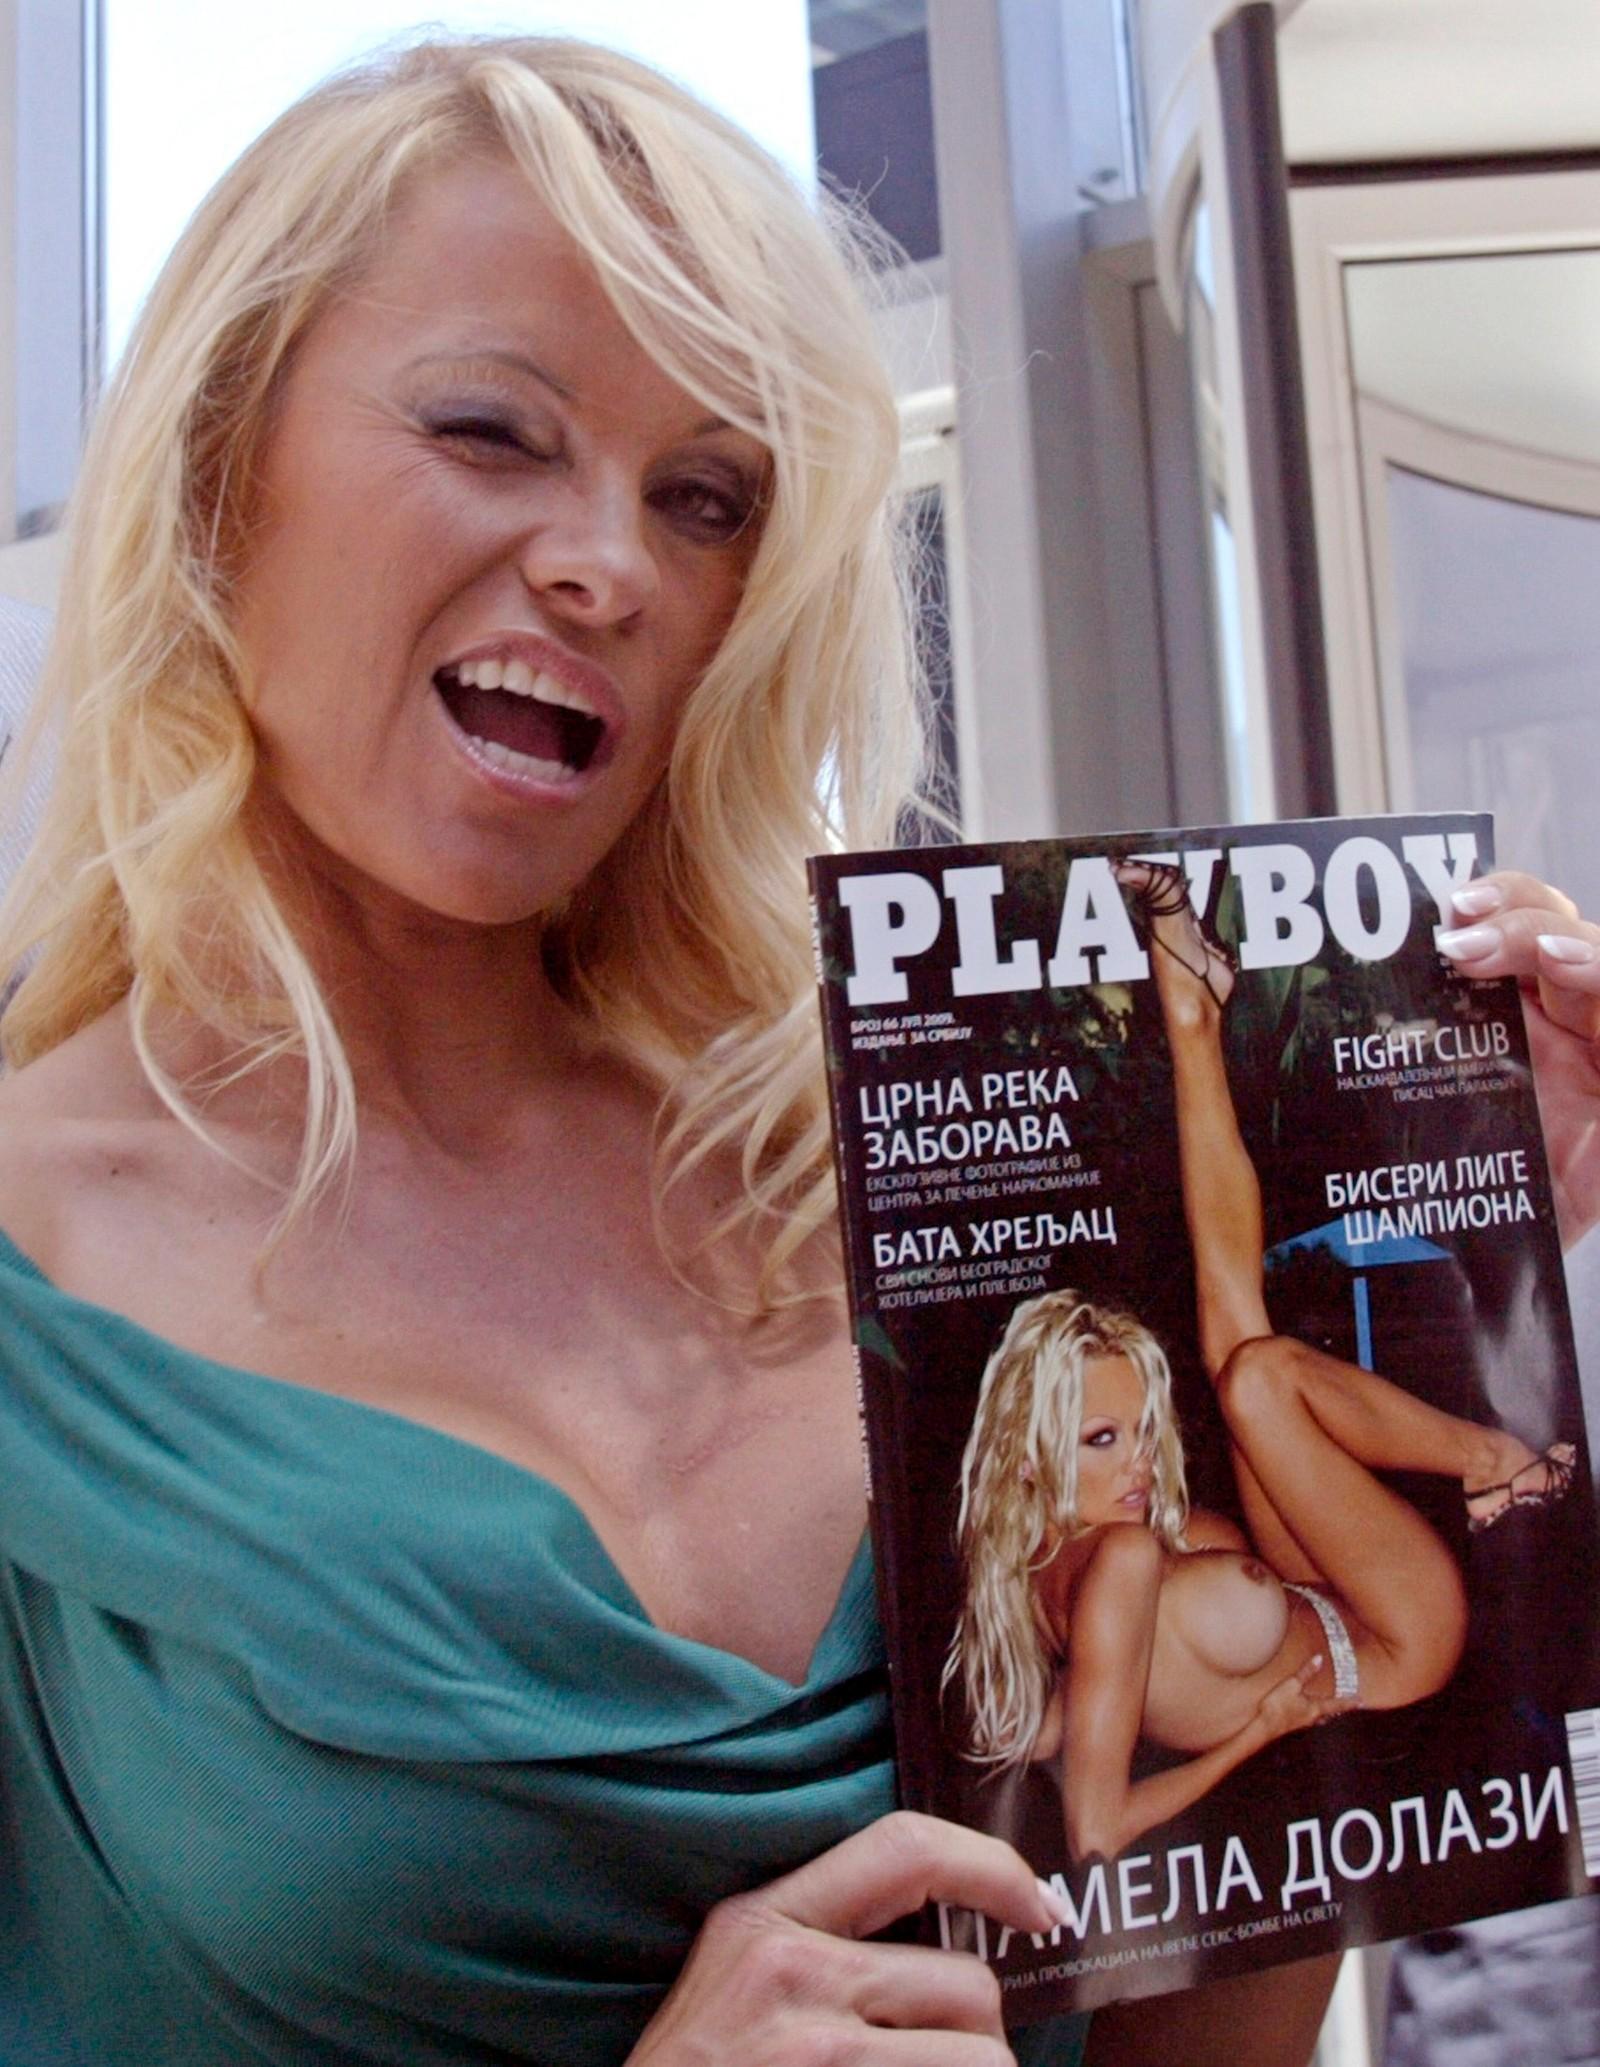 Skuespiller Pamela Anderson er en av mange kjente kvinner som har posert på forsiden av Playboy.